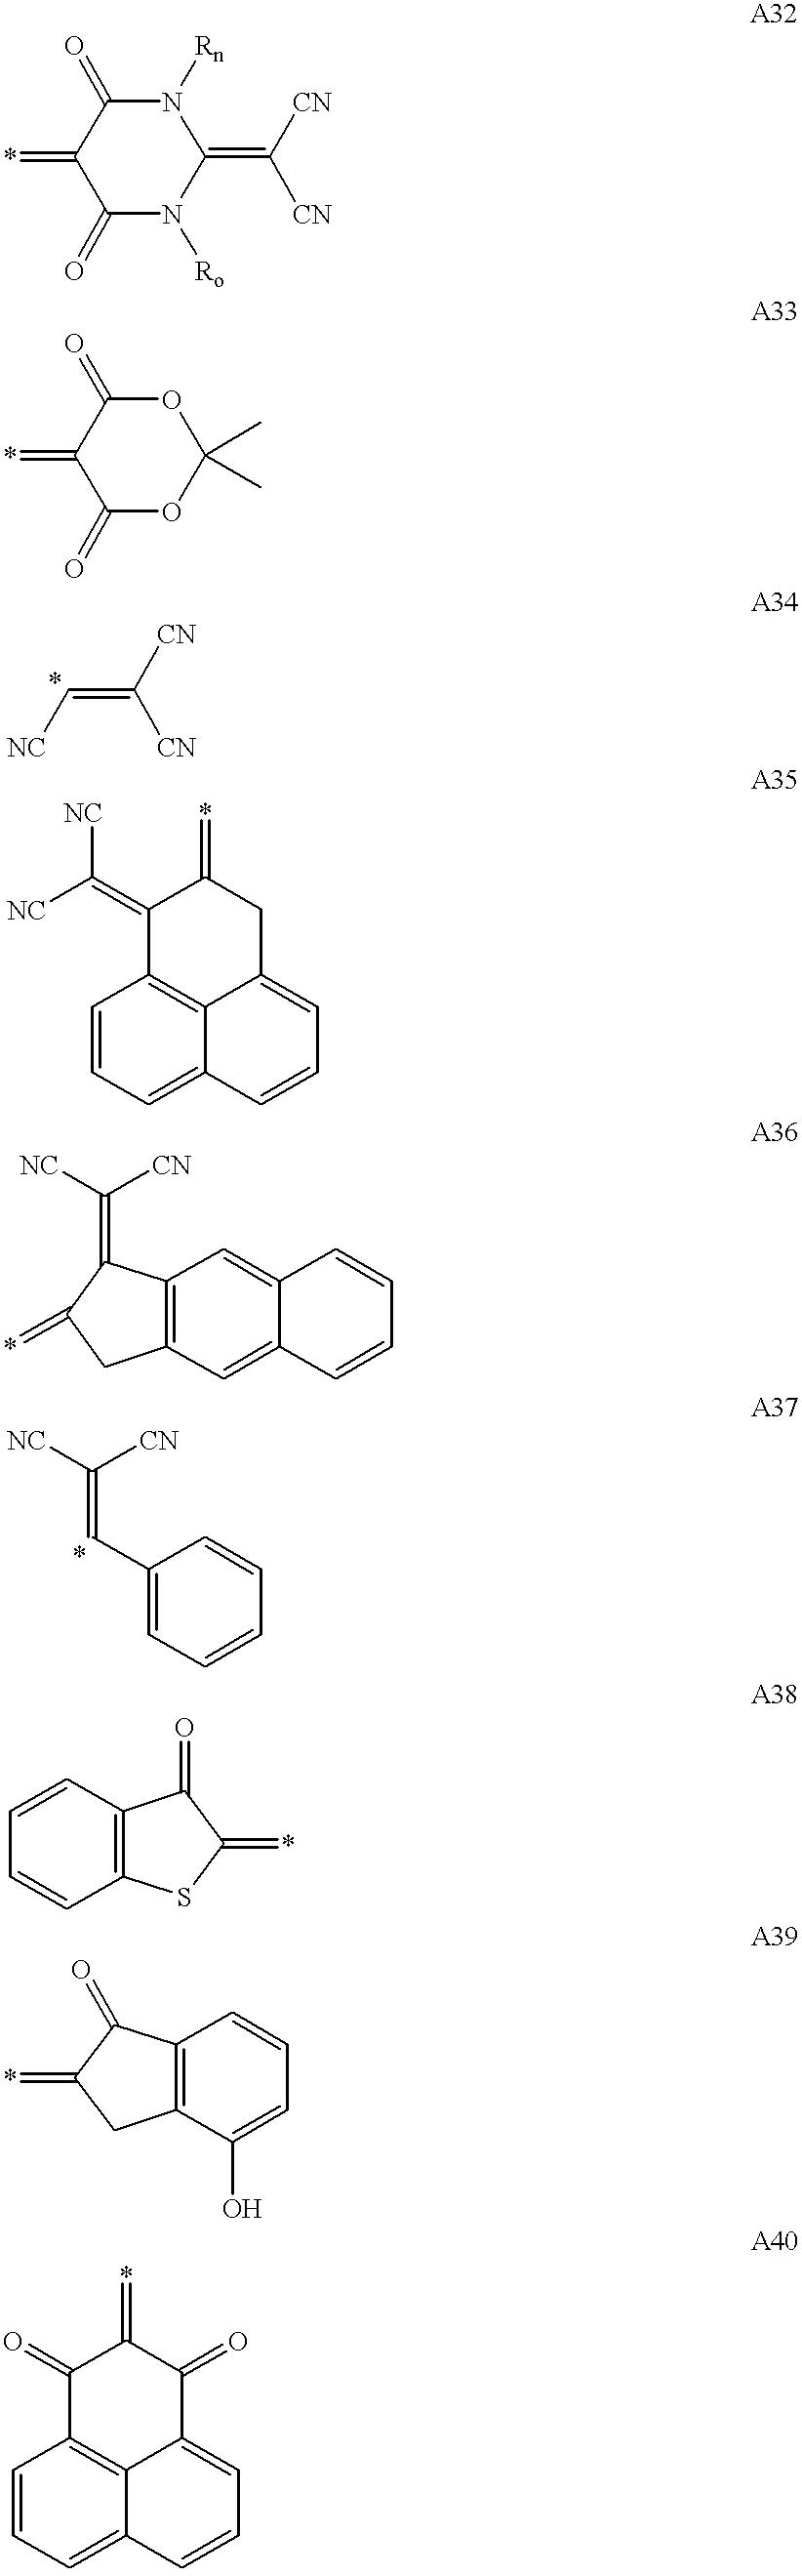 Figure US06267913-20010731-C00010